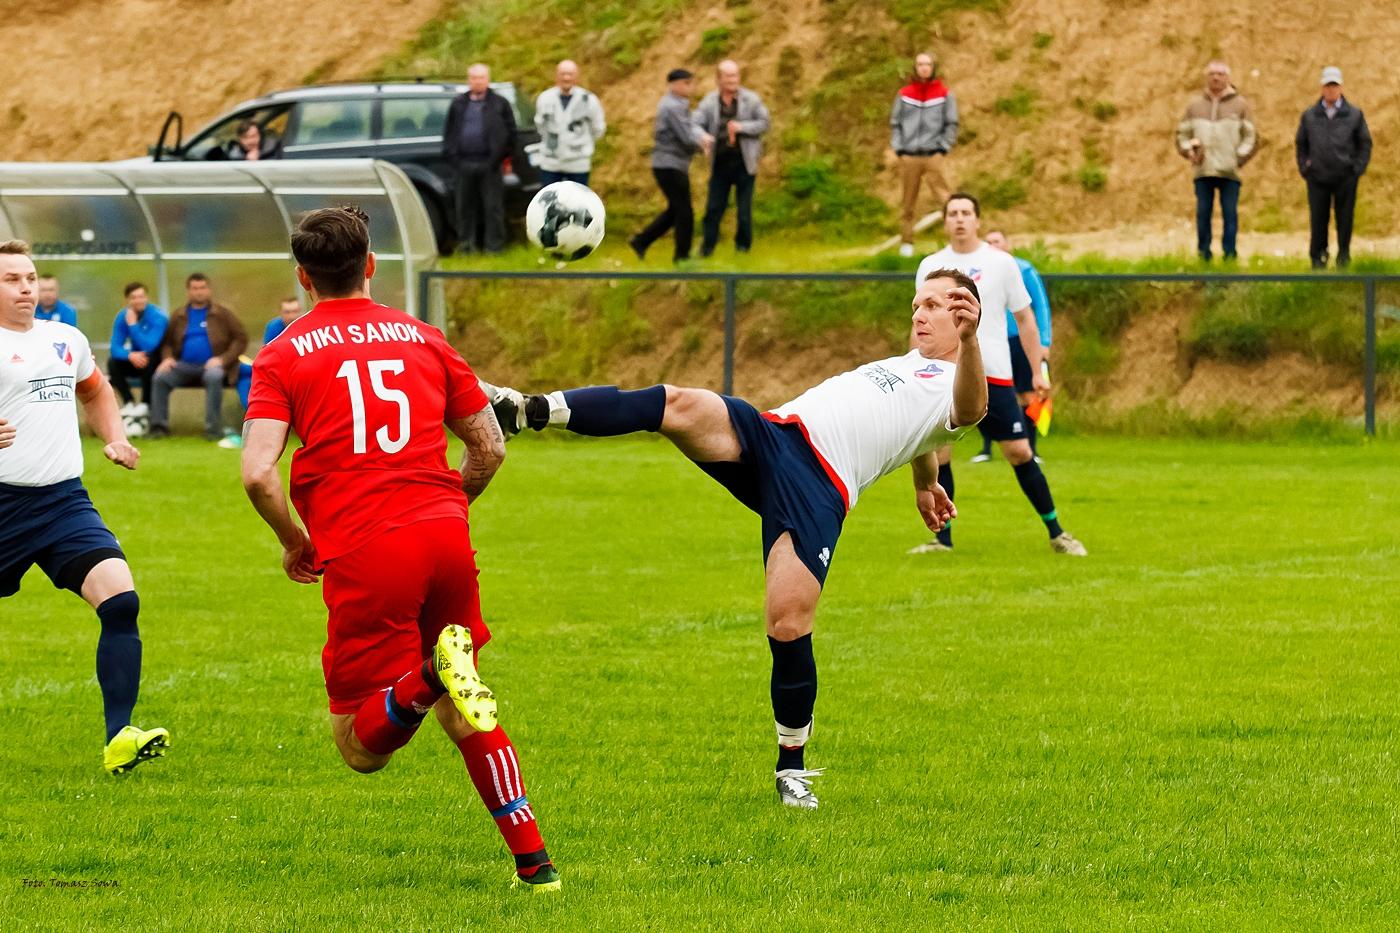 Mecz K.S. Wiki Sanok- Lotniarz Bezmiechowa 2021.05.16 [FOTORELACJA] - Zdjęcie główne